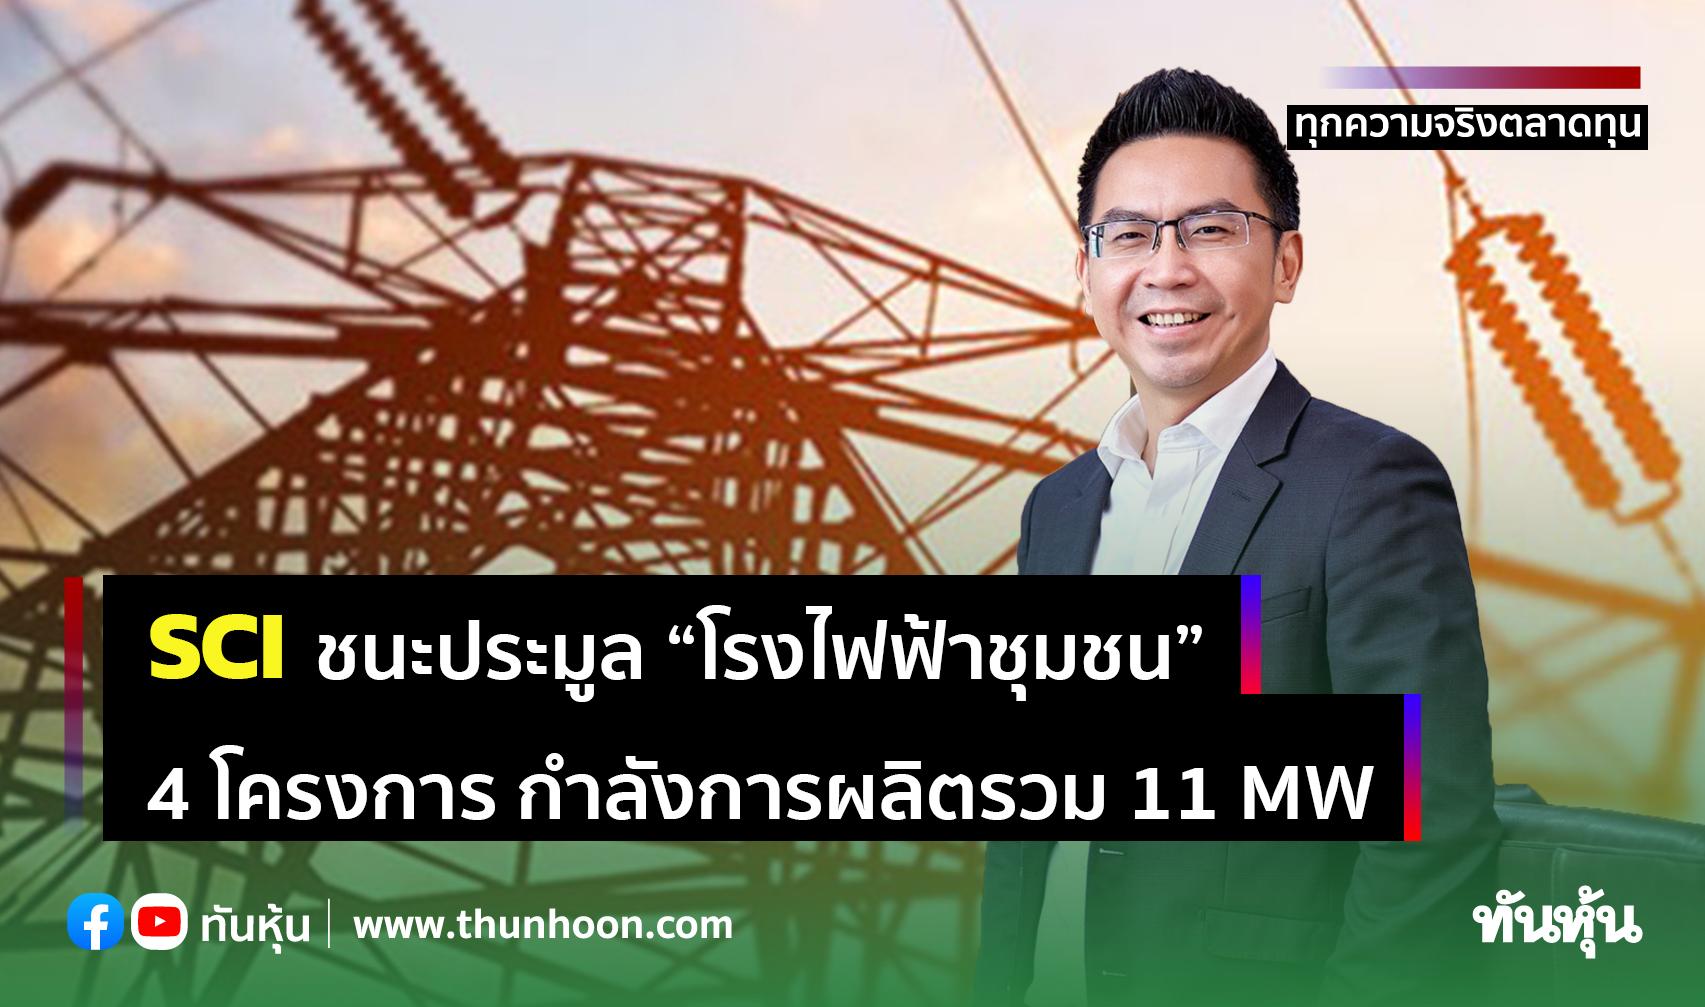 """SCI ชนะประมูล """"โรงไฟฟ้าชุมชน"""" 4 โครงการ กำลังการผลิตรวม 11 MW"""